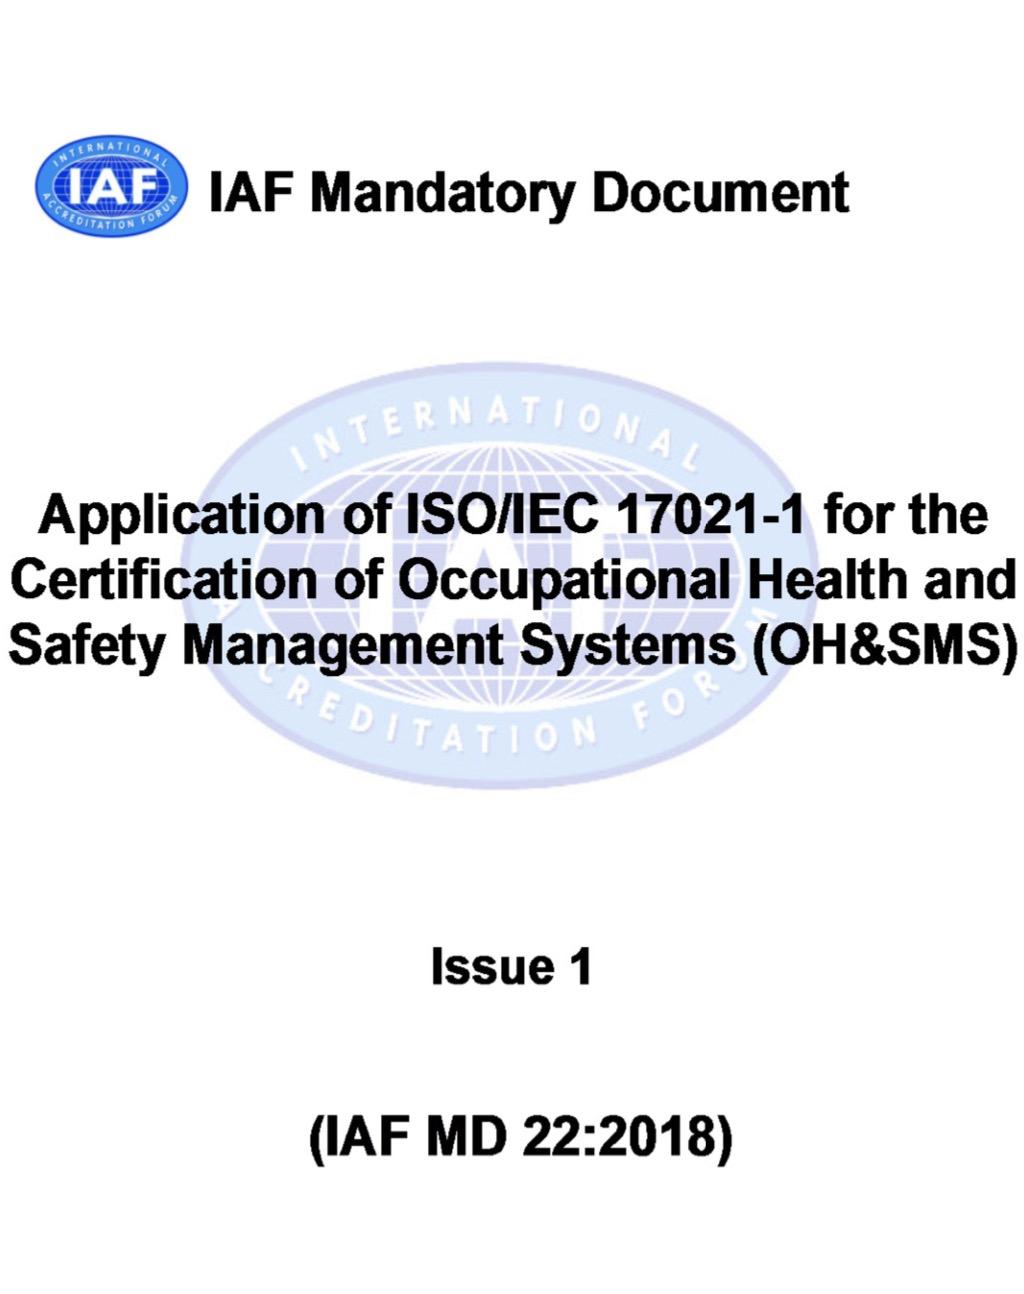 Oggi va in pensione l'RT 12:2006 – arriva lo IAF MD22:2018 – stiamo parlando di ISO 45001:2018